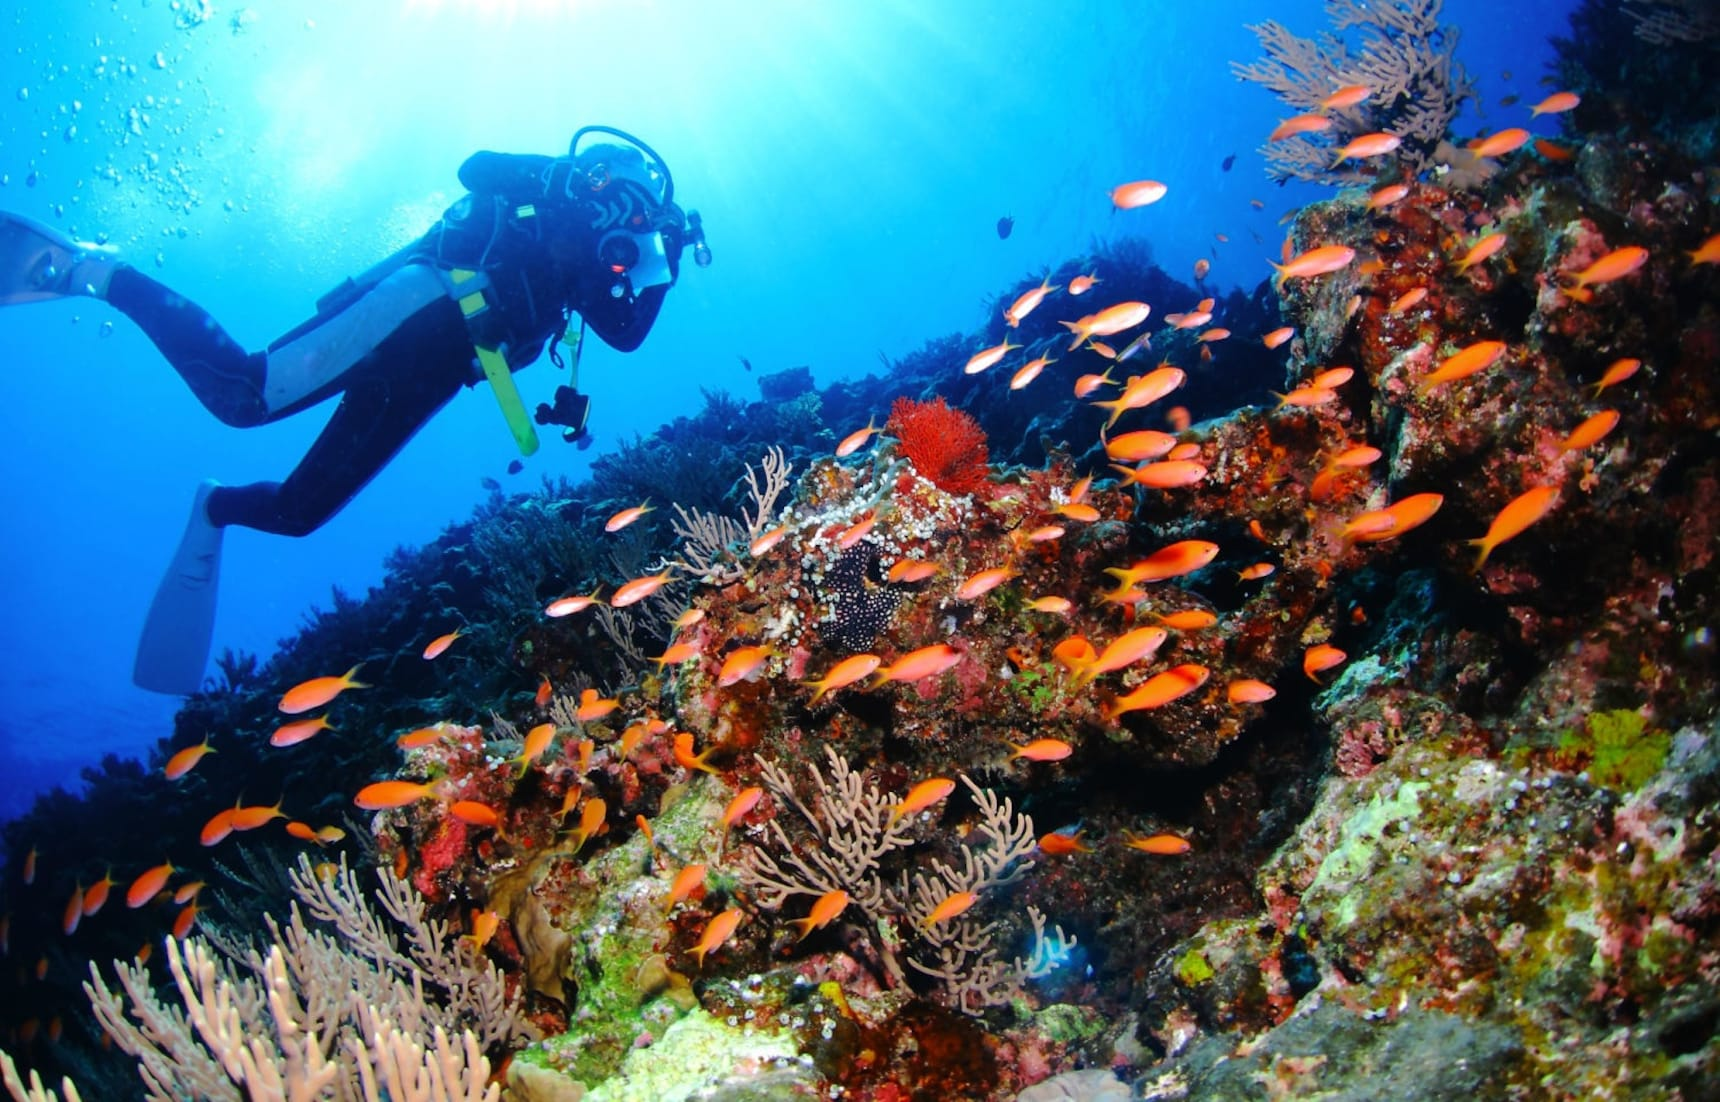 6 จุดดำน้ำในทะเลสวยใส แถบ Kanto